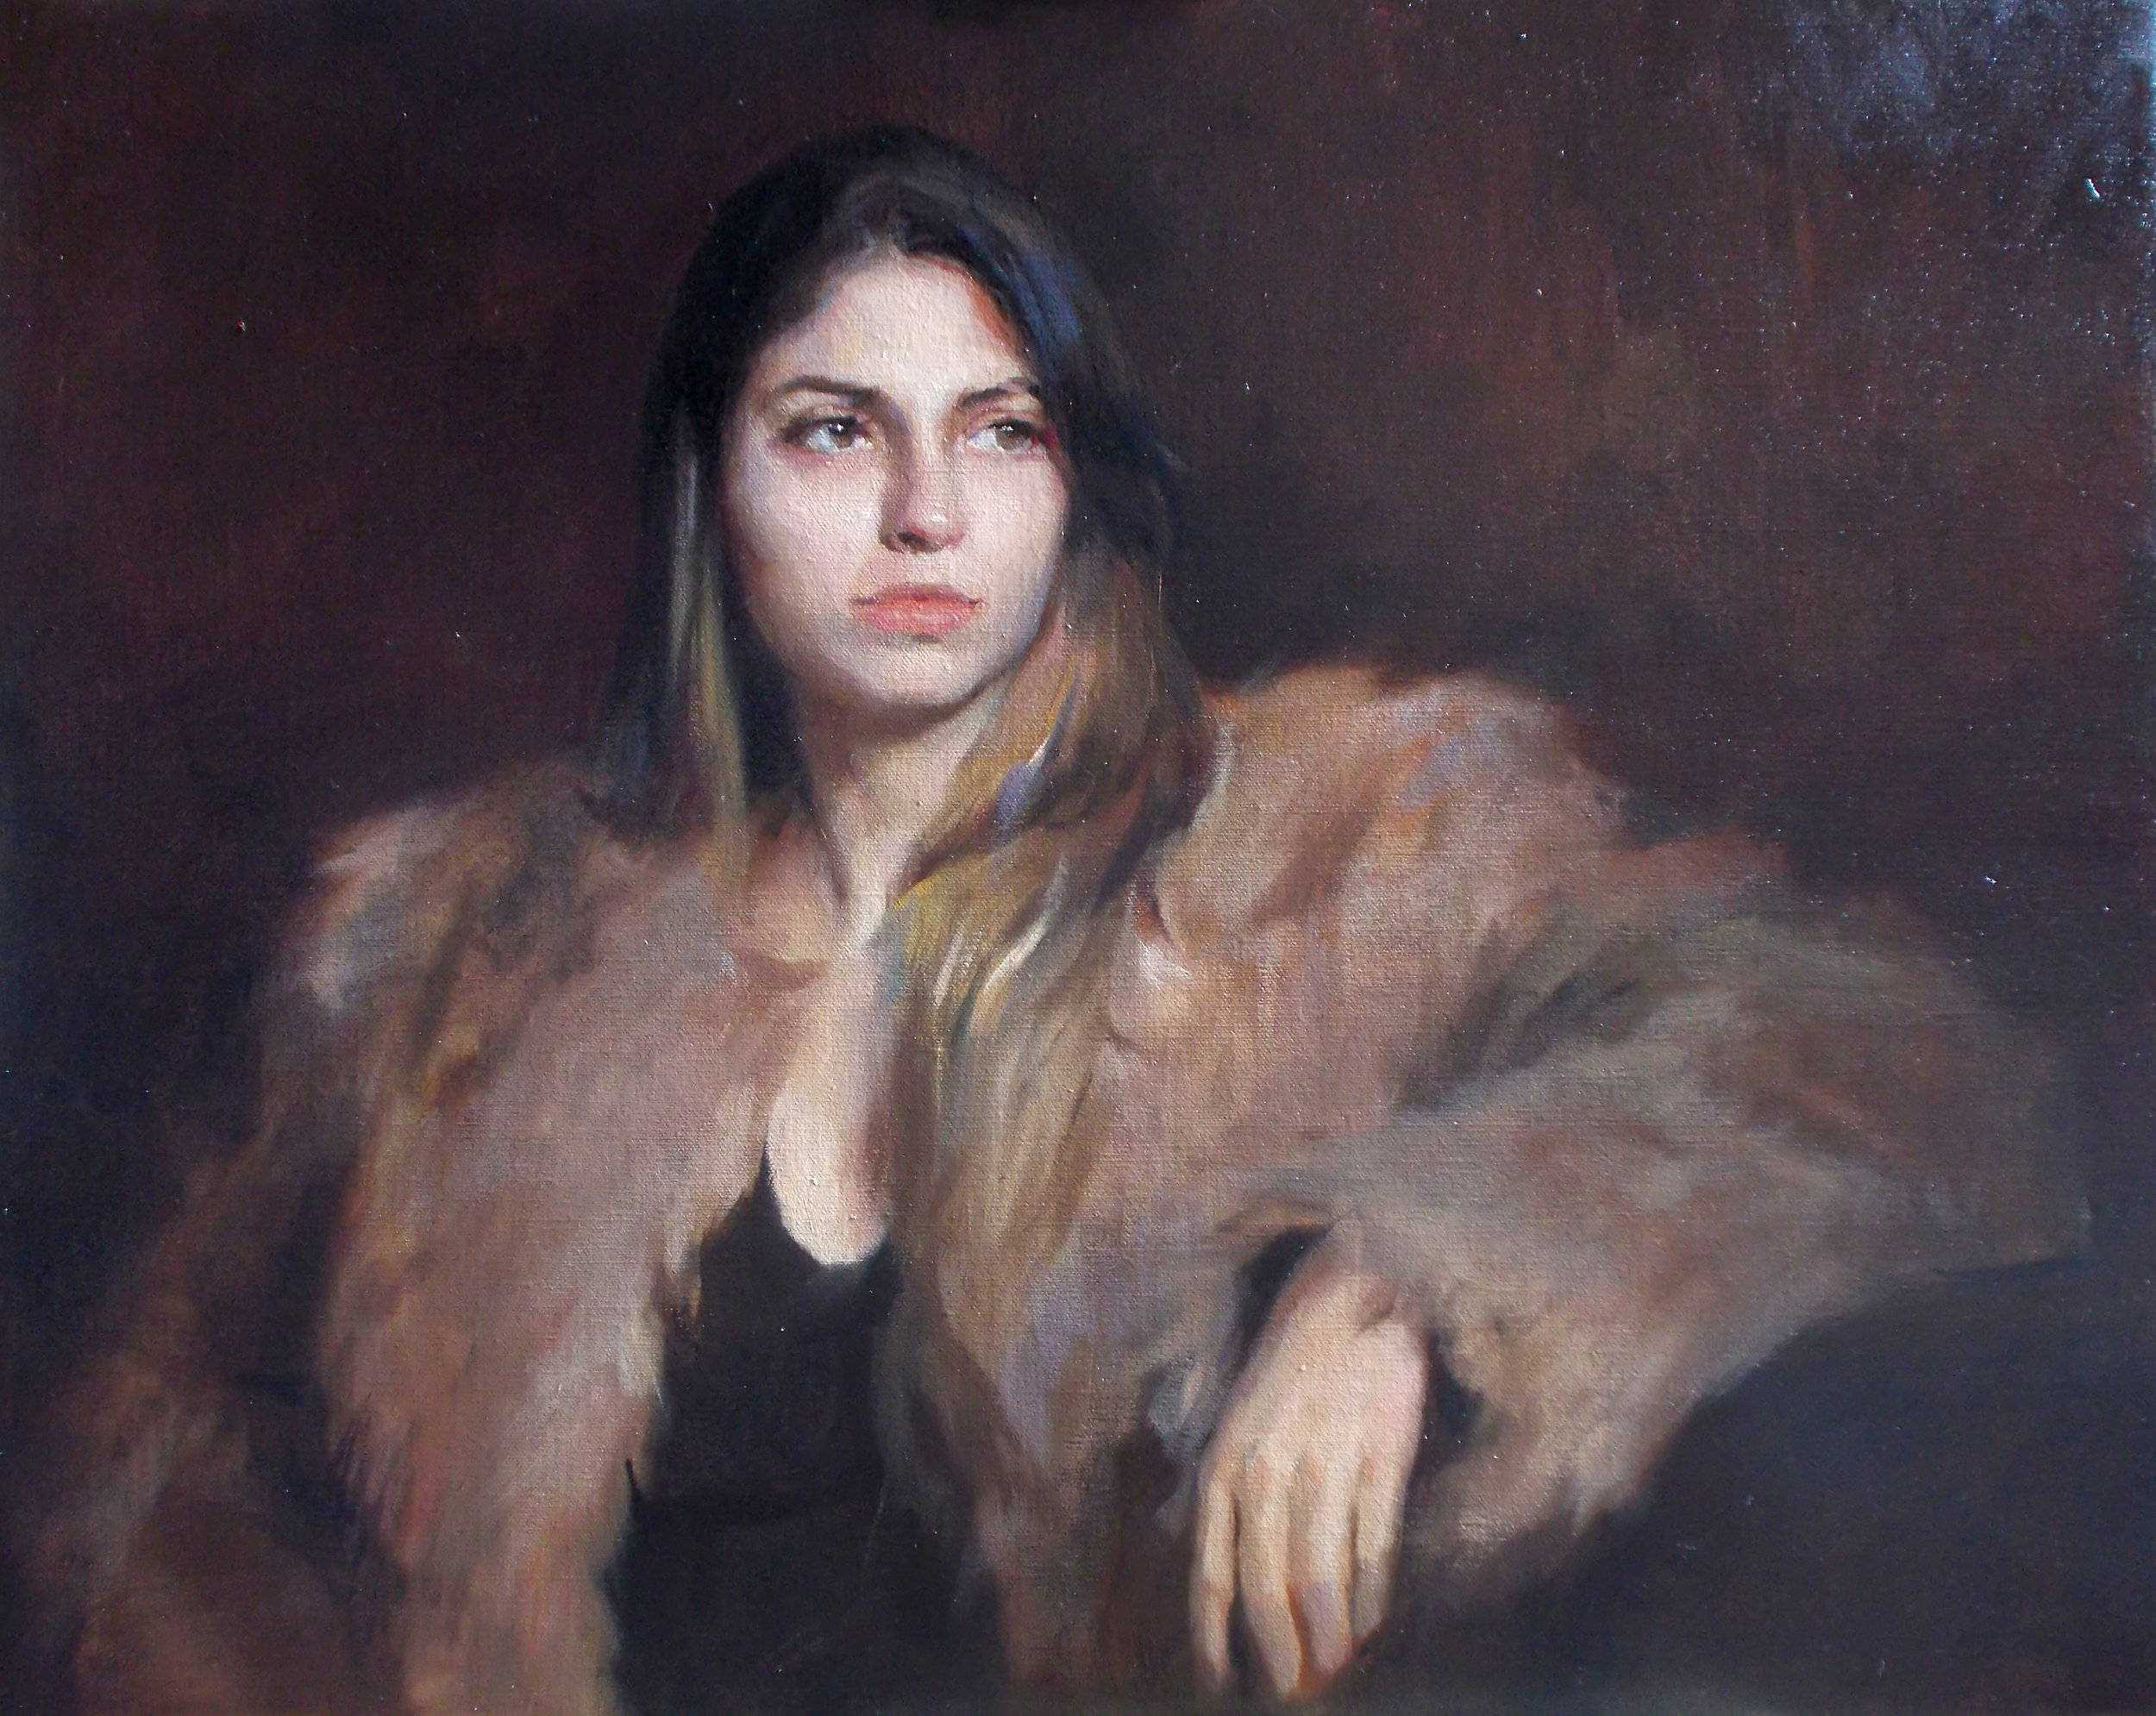 'Winter furs' 60 cm x 75 cm Oil on linen